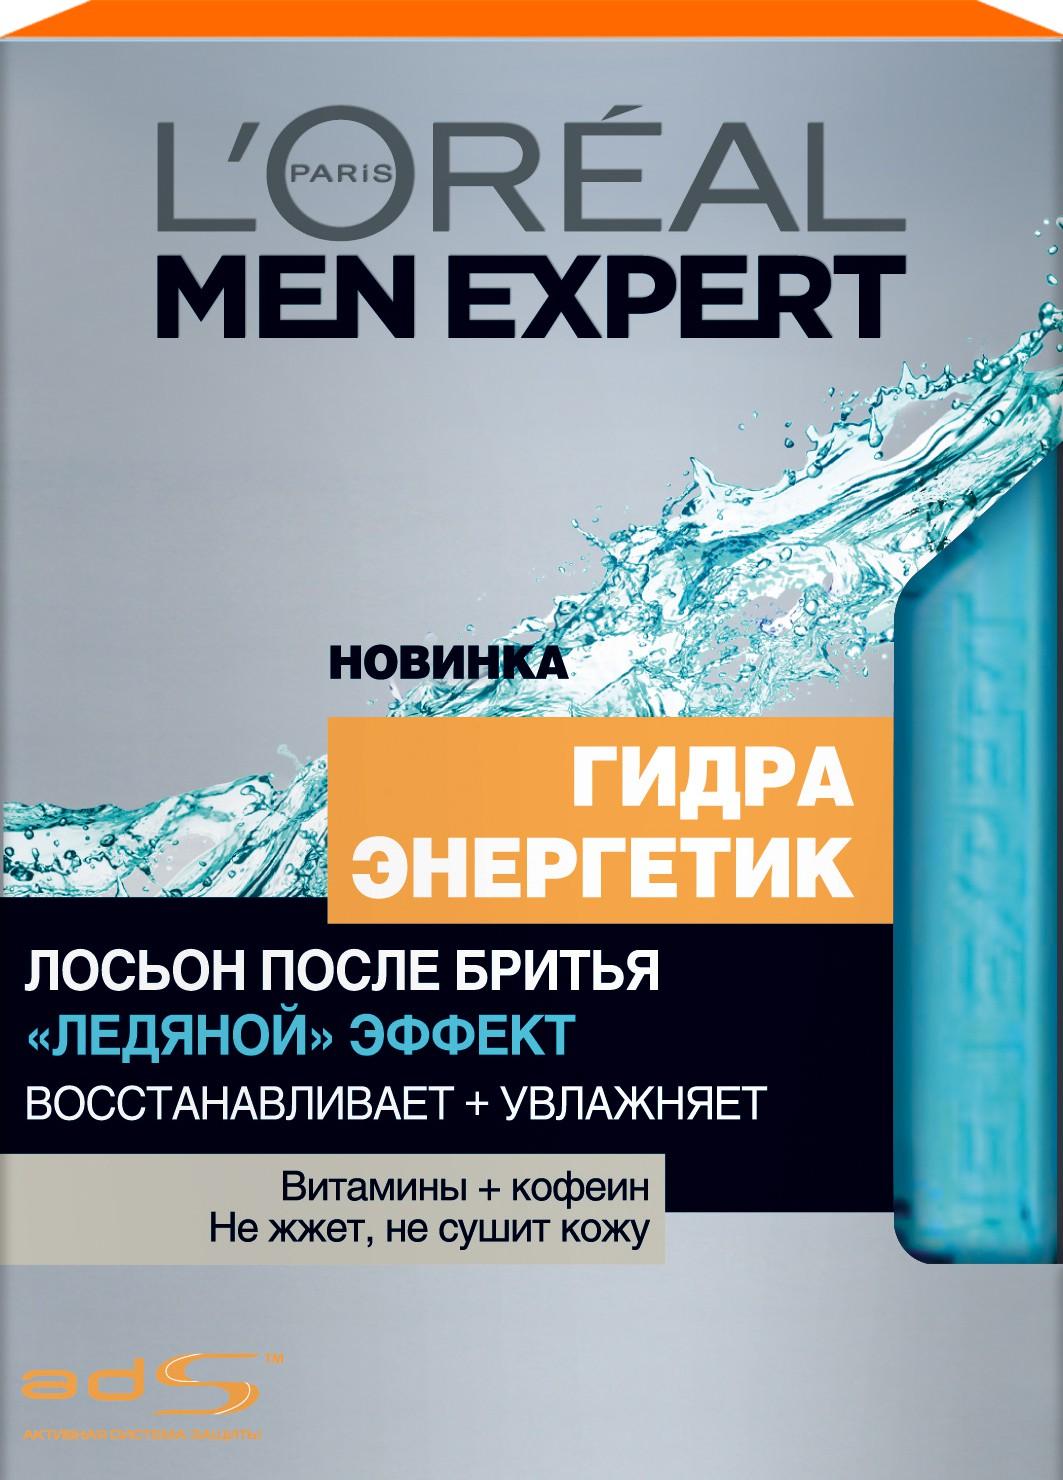 LOreal Paris Men Expert Лосьон после бритья Гидра Энергетик, Ледяной эффект, увлажняющий, восстанавливающий, 100 млA5993300Cредство после бритья нового поколения от MEN EXPERT!Морозная мята, терпкие нотки бергамота - «Ледяной» эффект от MEN EXPERT - это освежающий лосьон после бритья, обогащенный витаминами и кофеином.